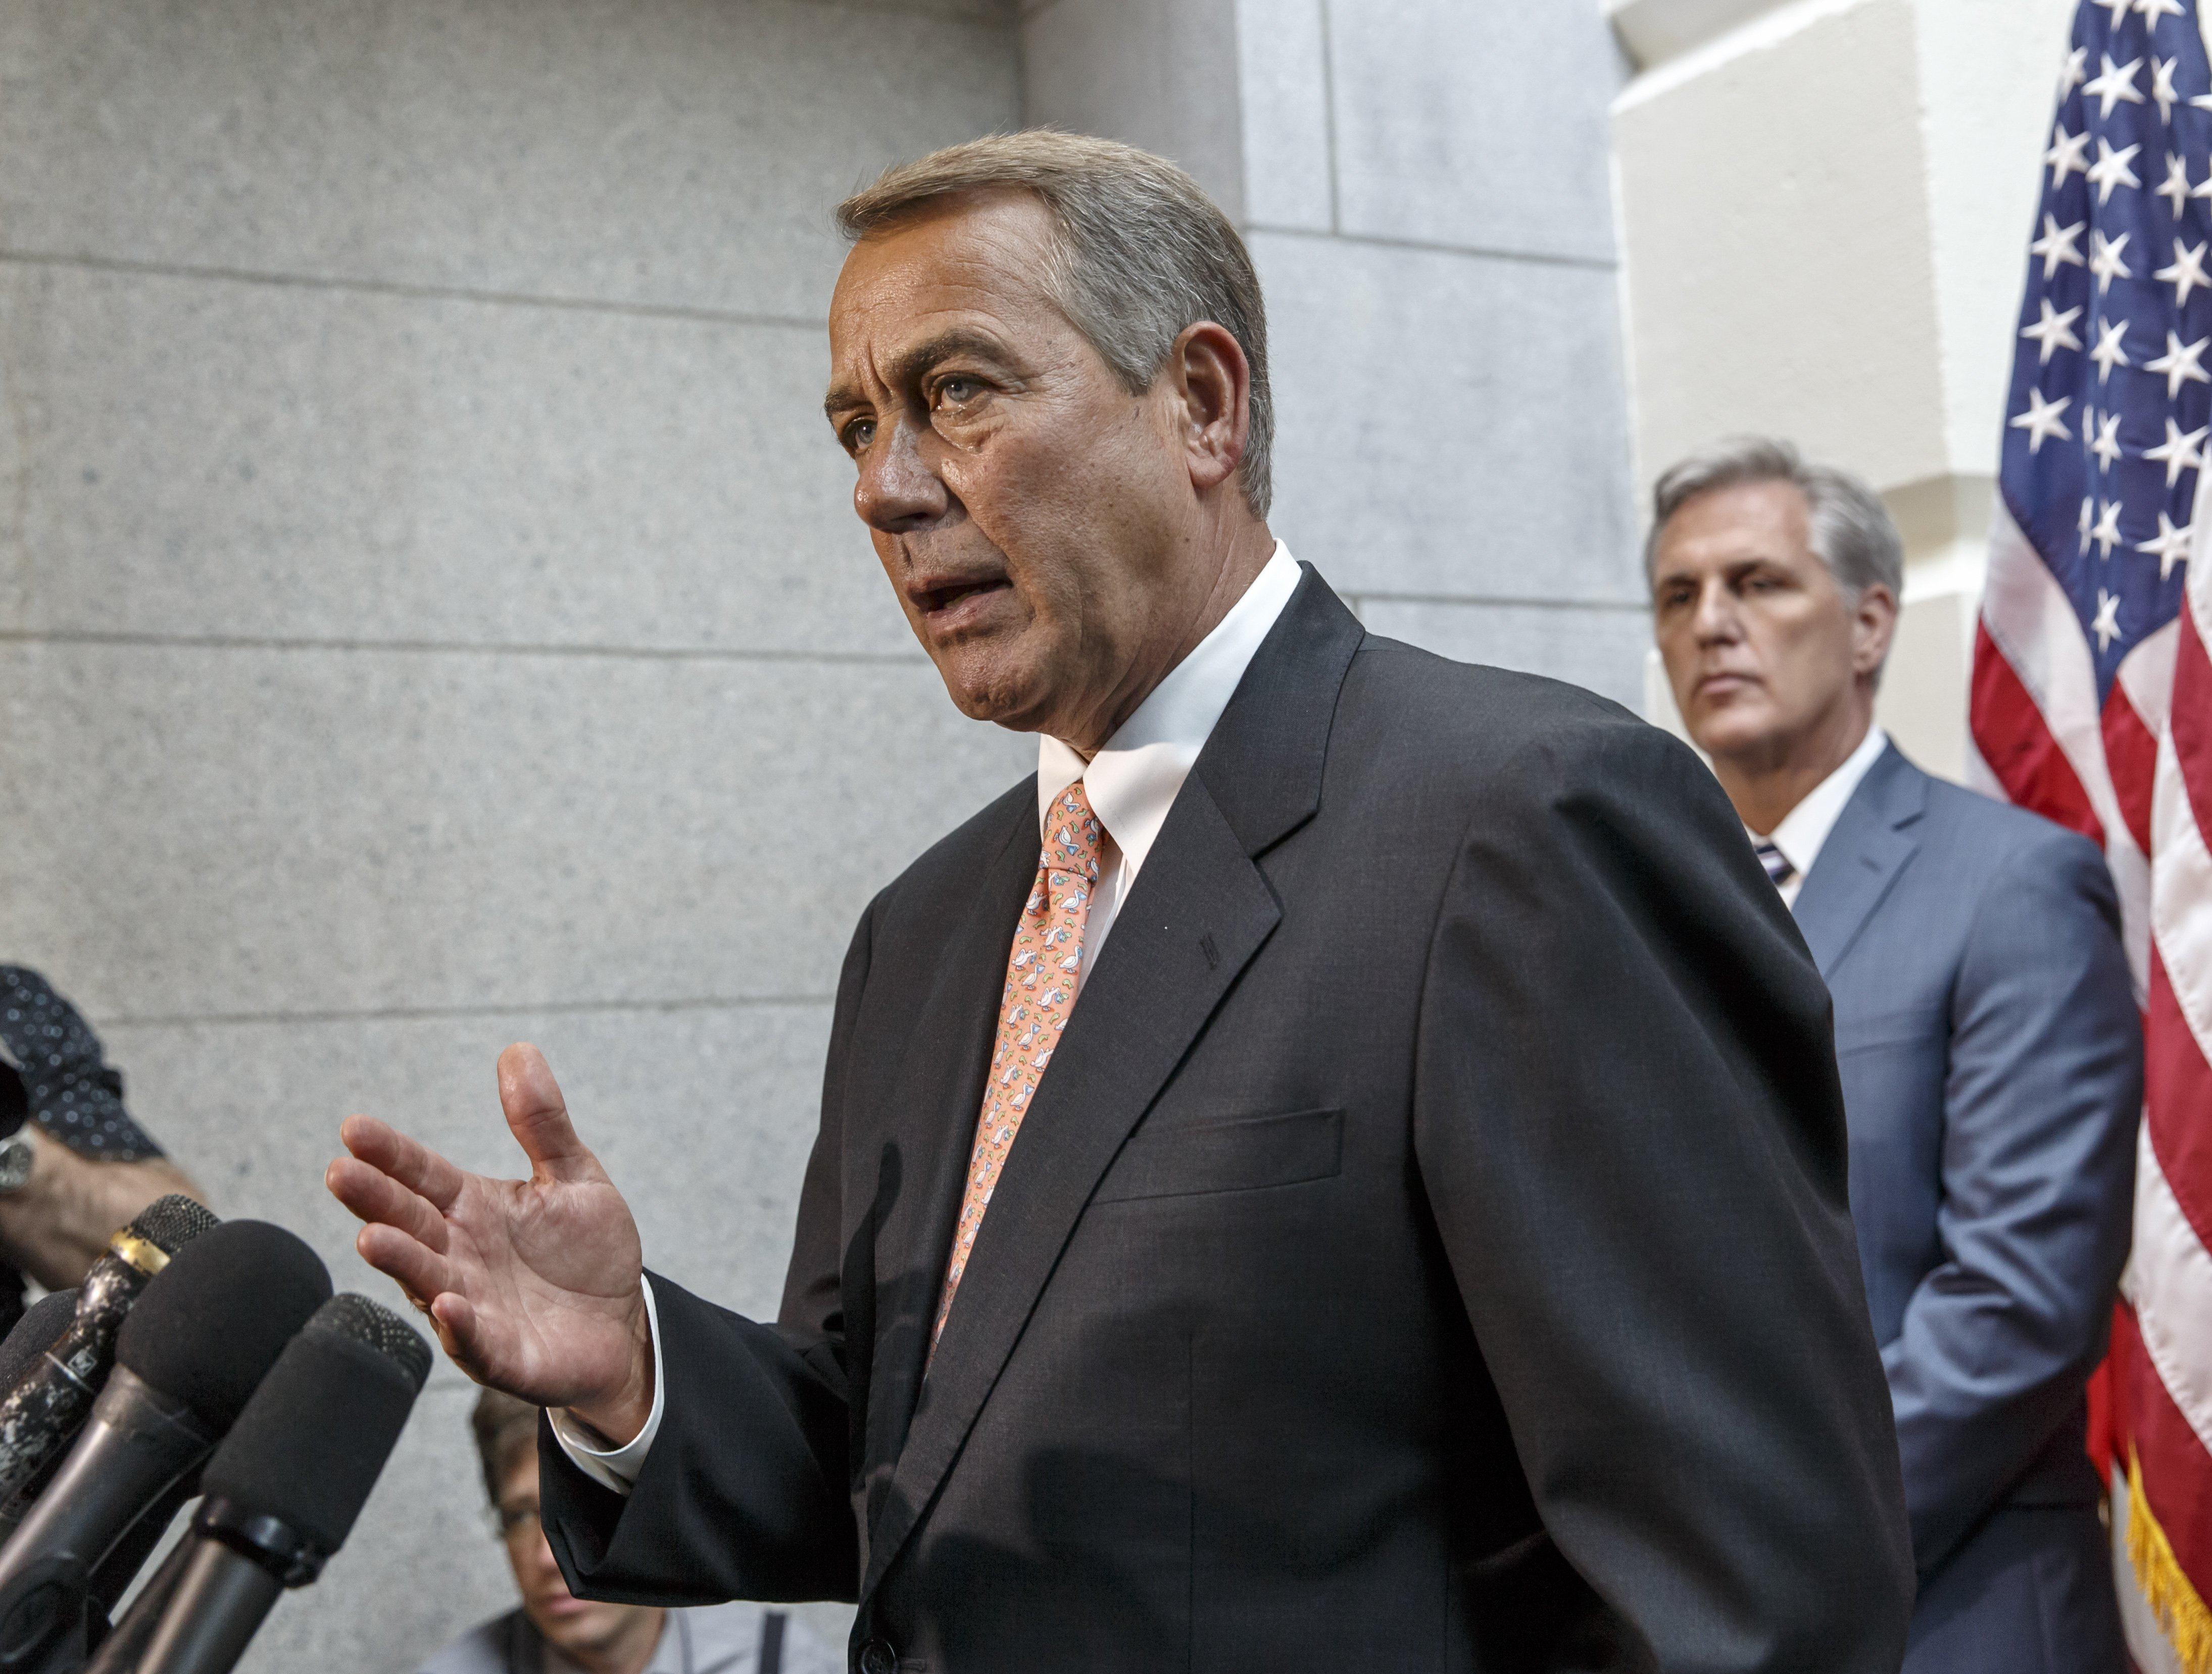 Image: Kevin McCarthy, John Boehner